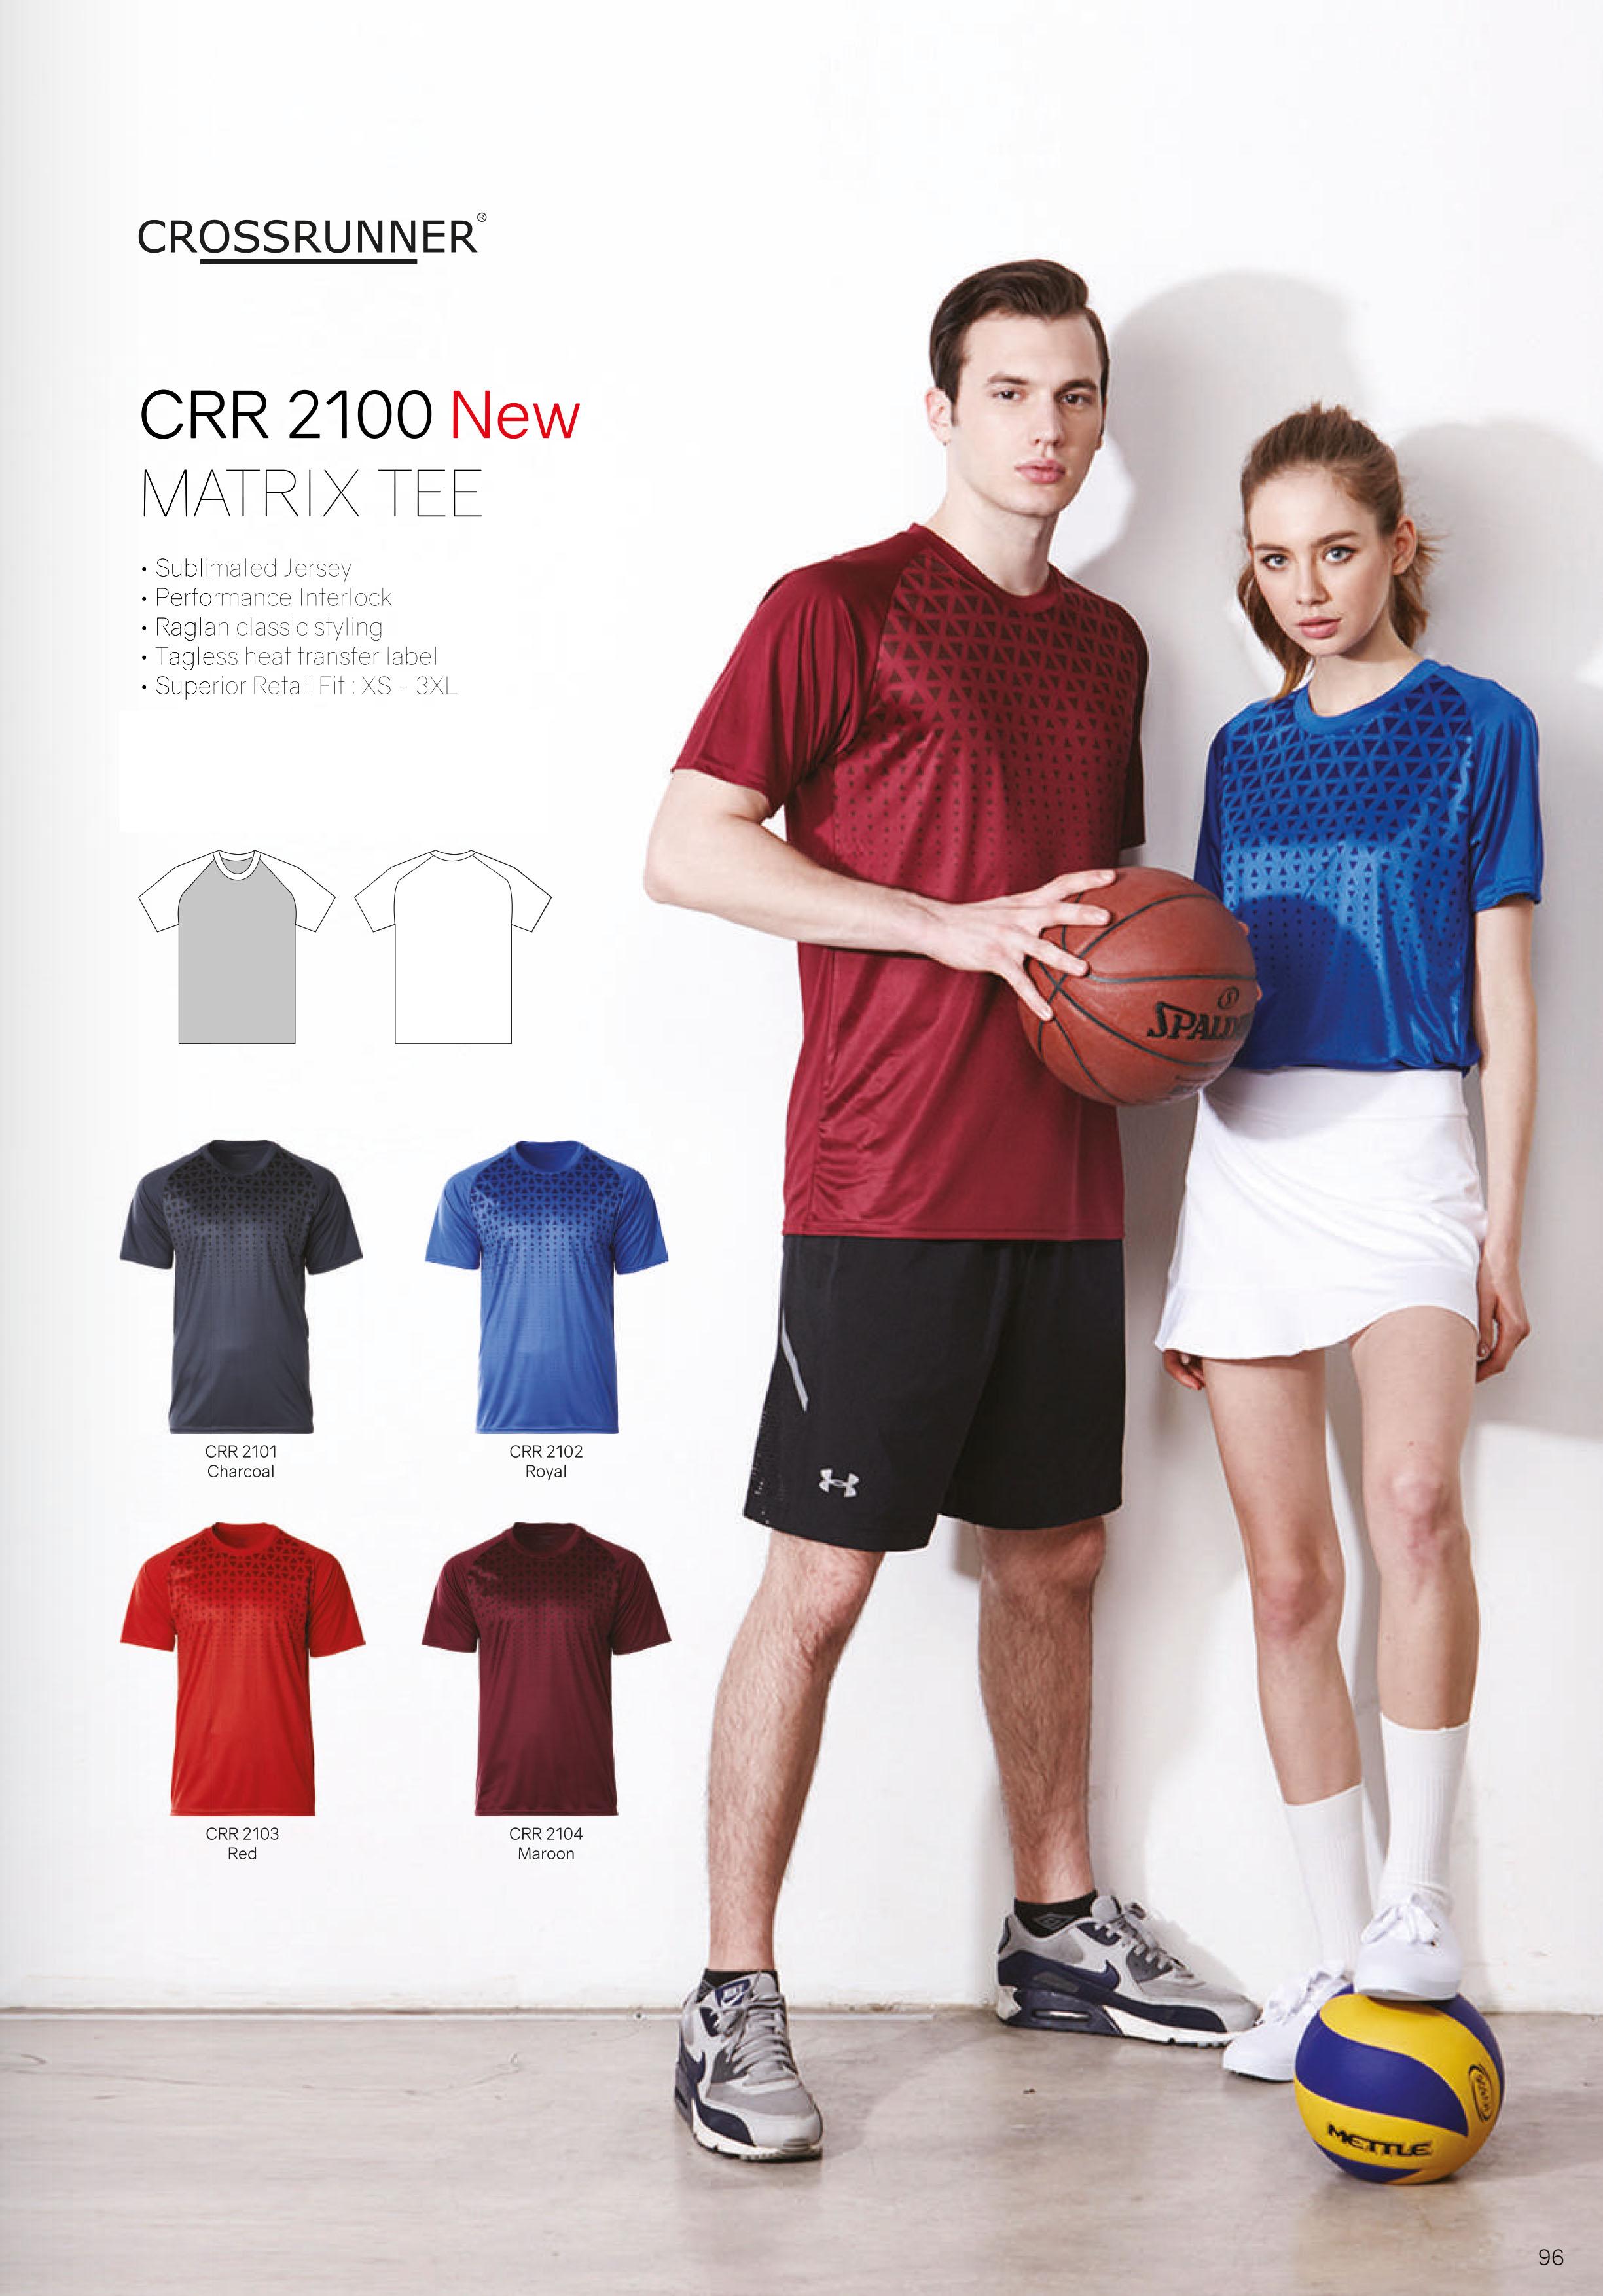 CRR2100 DRI FIT T SHIRT